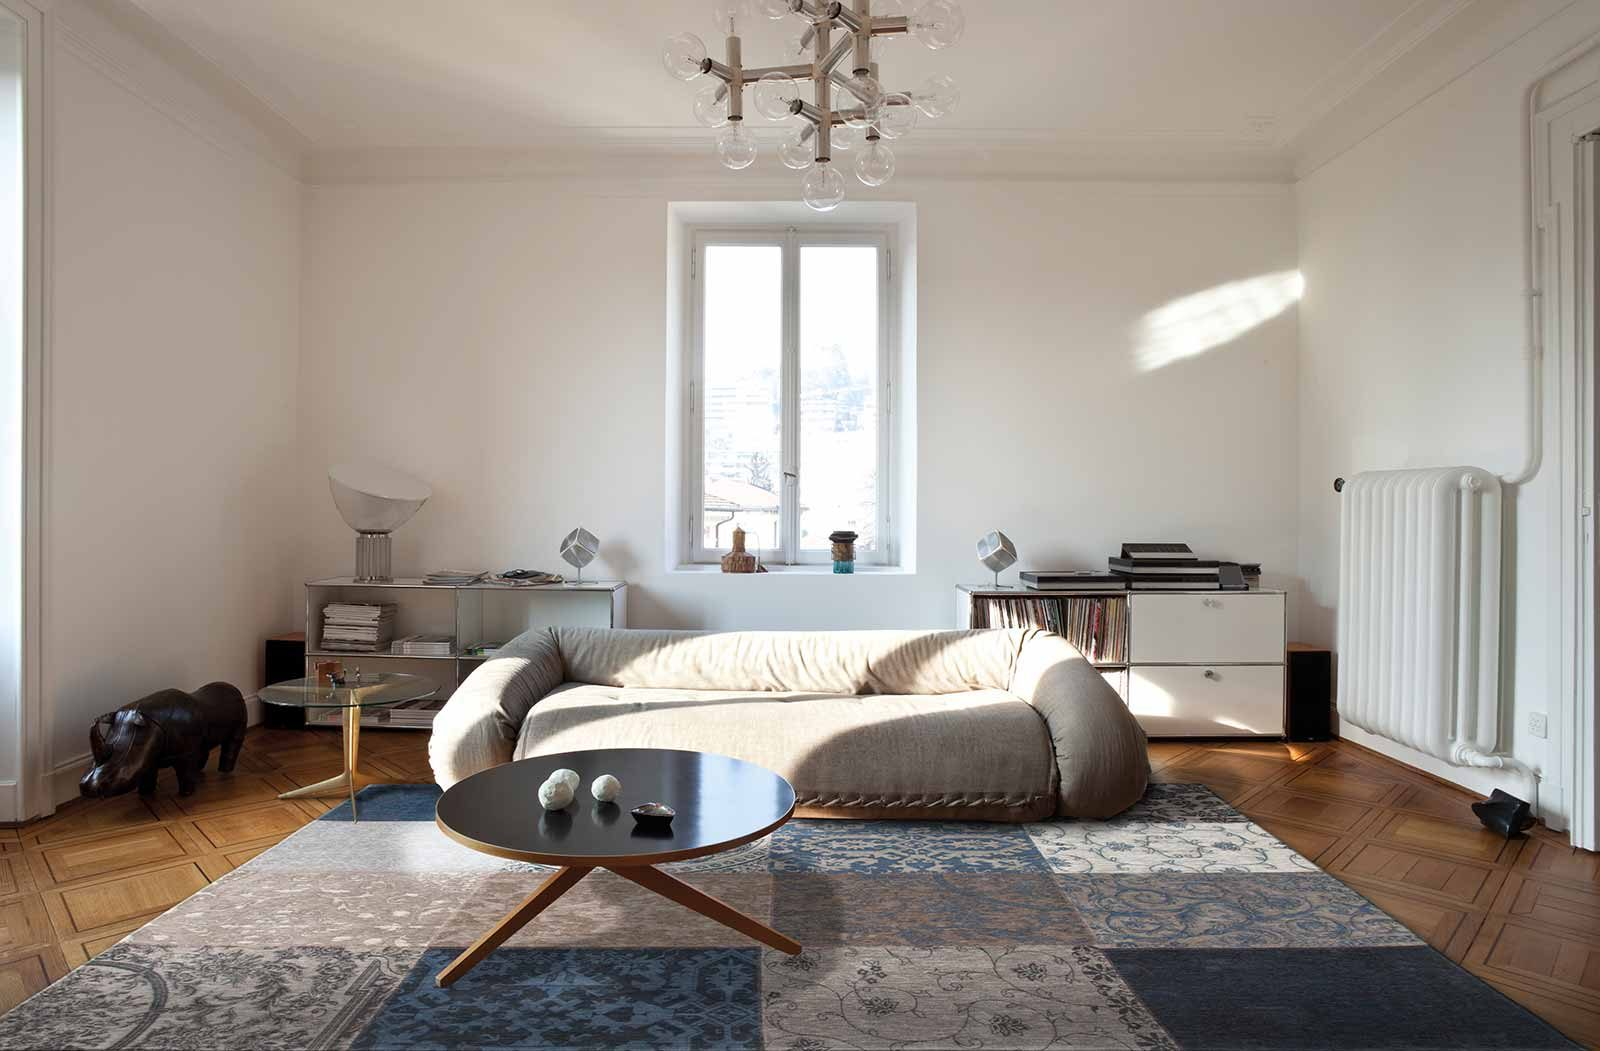 tapijt Louis De Poortere LX8108 Vintage Blue Denim interior